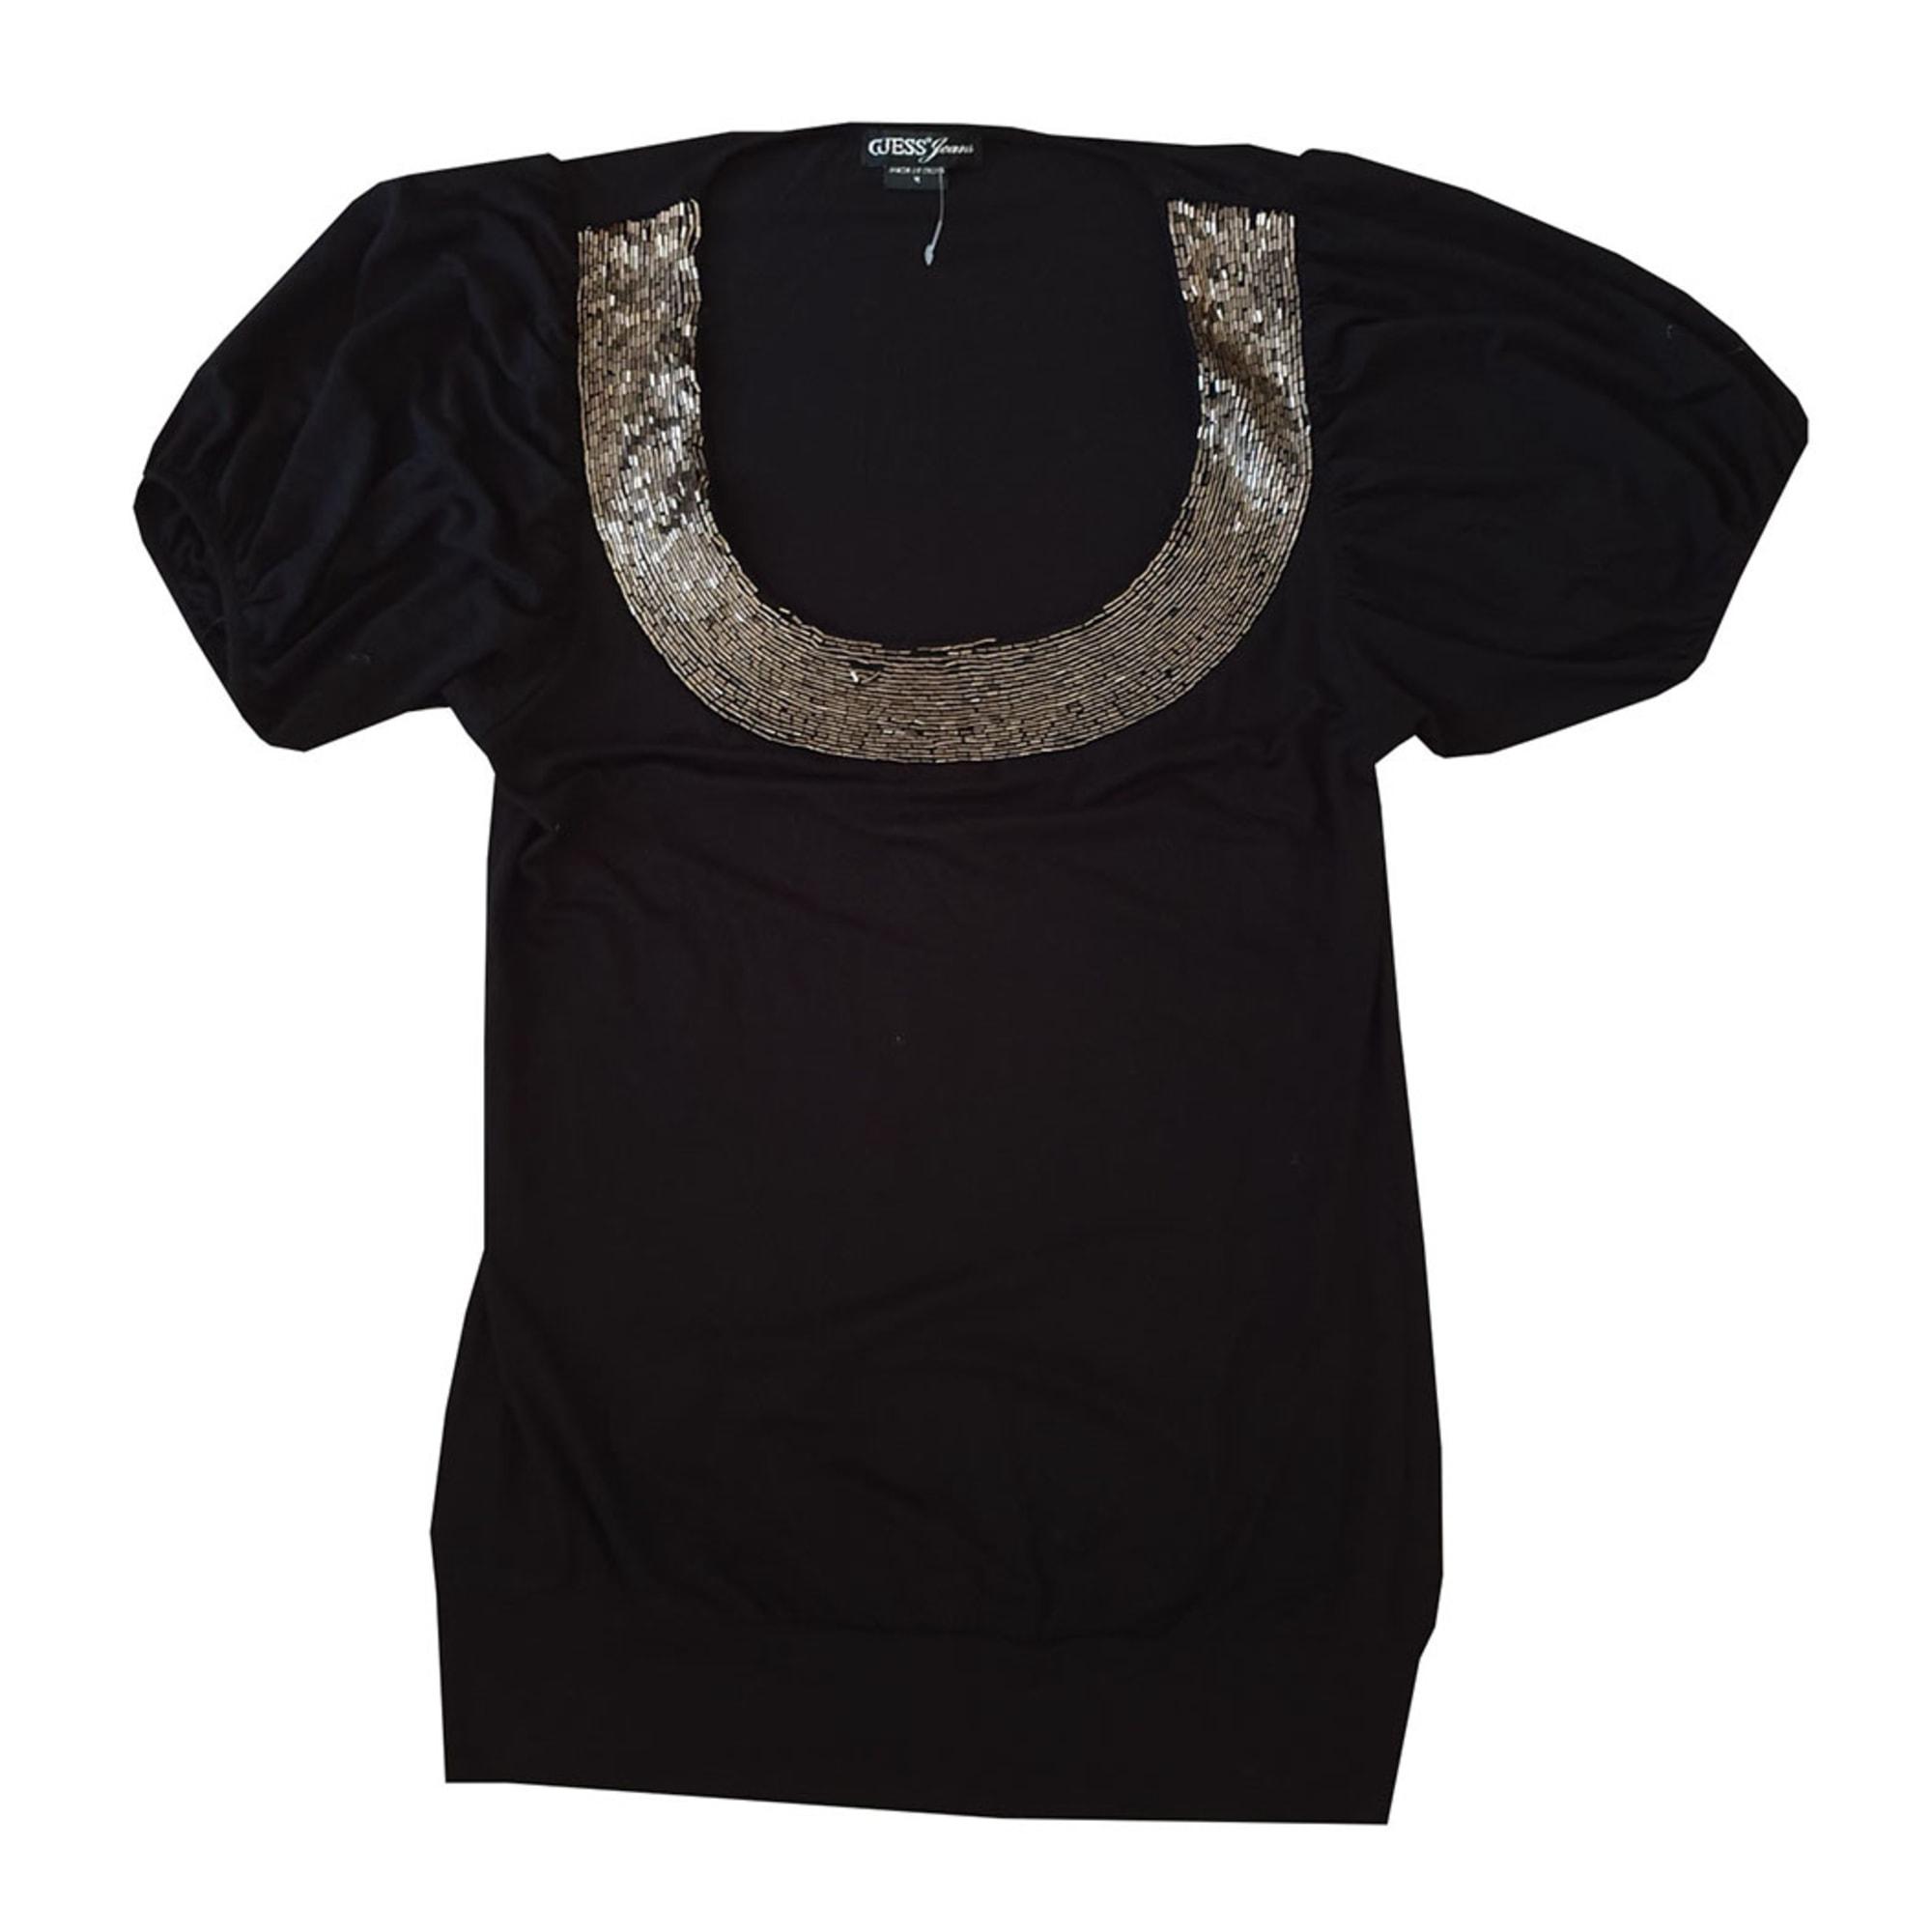 Top, tee-shirt GUESS Noir